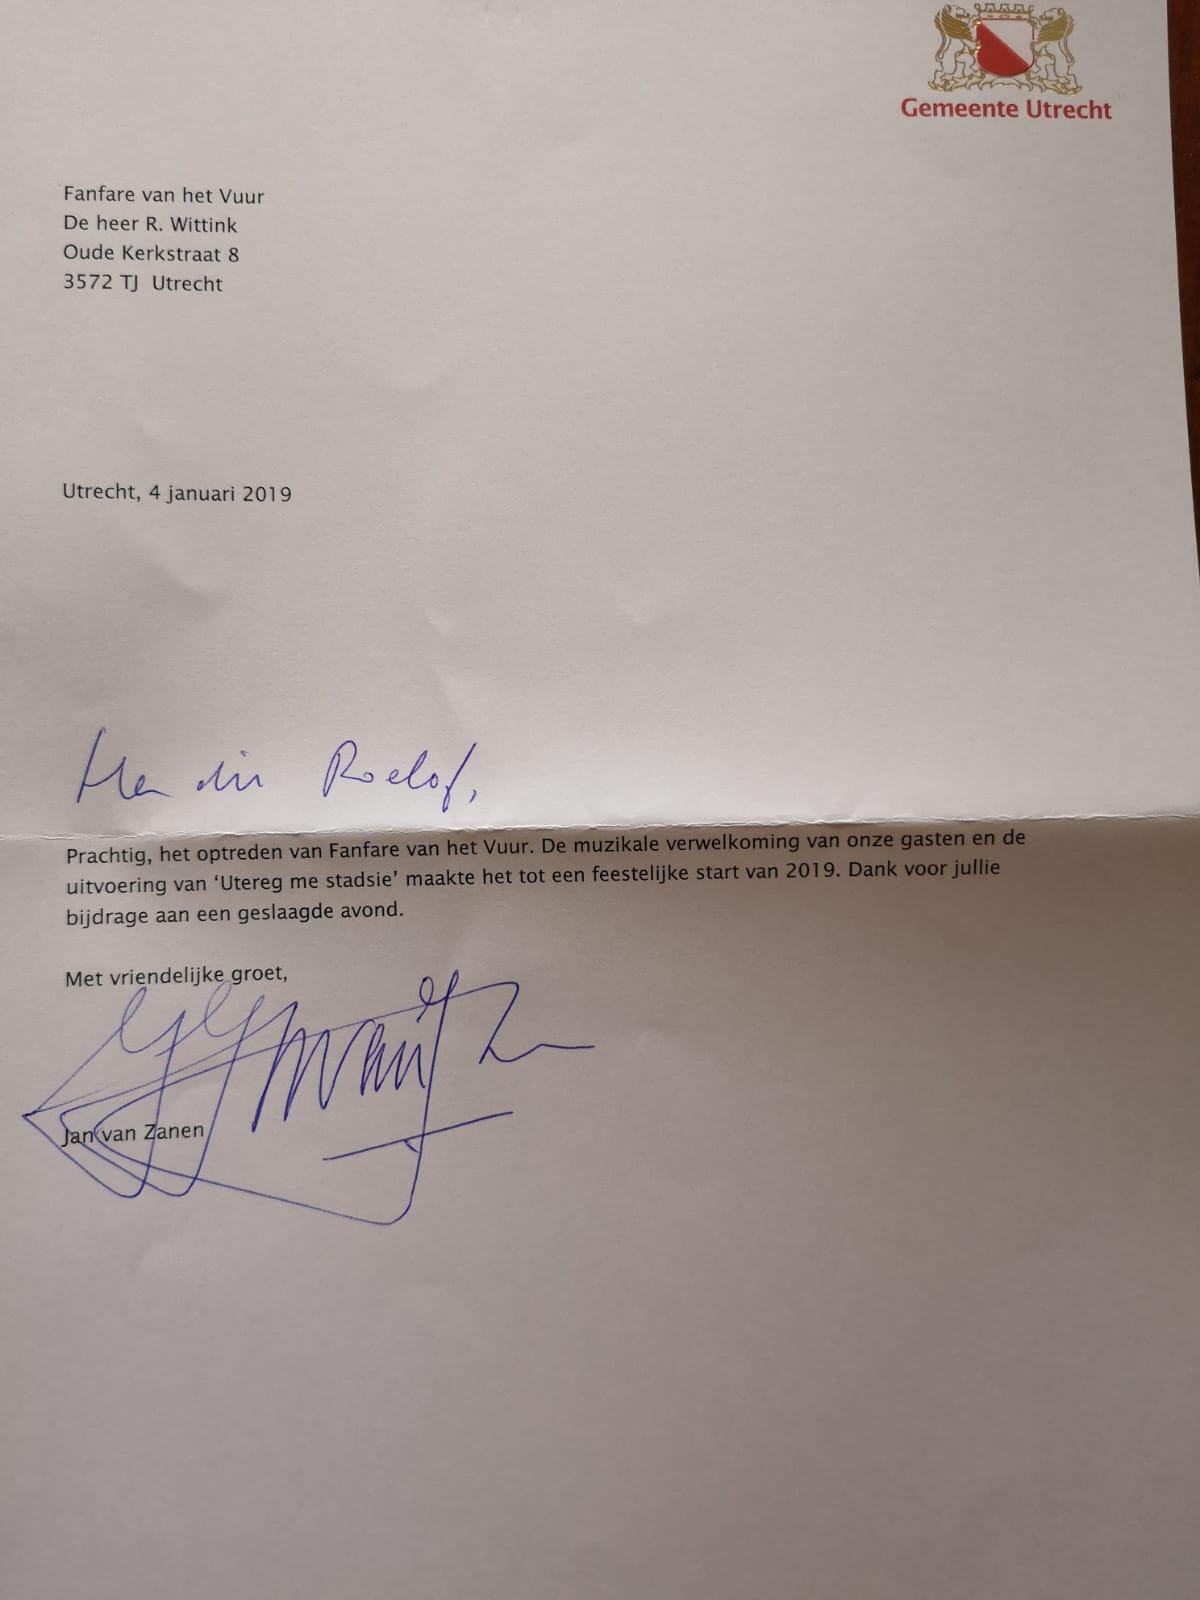 Bedankbrief van de burgemeester van Zanen